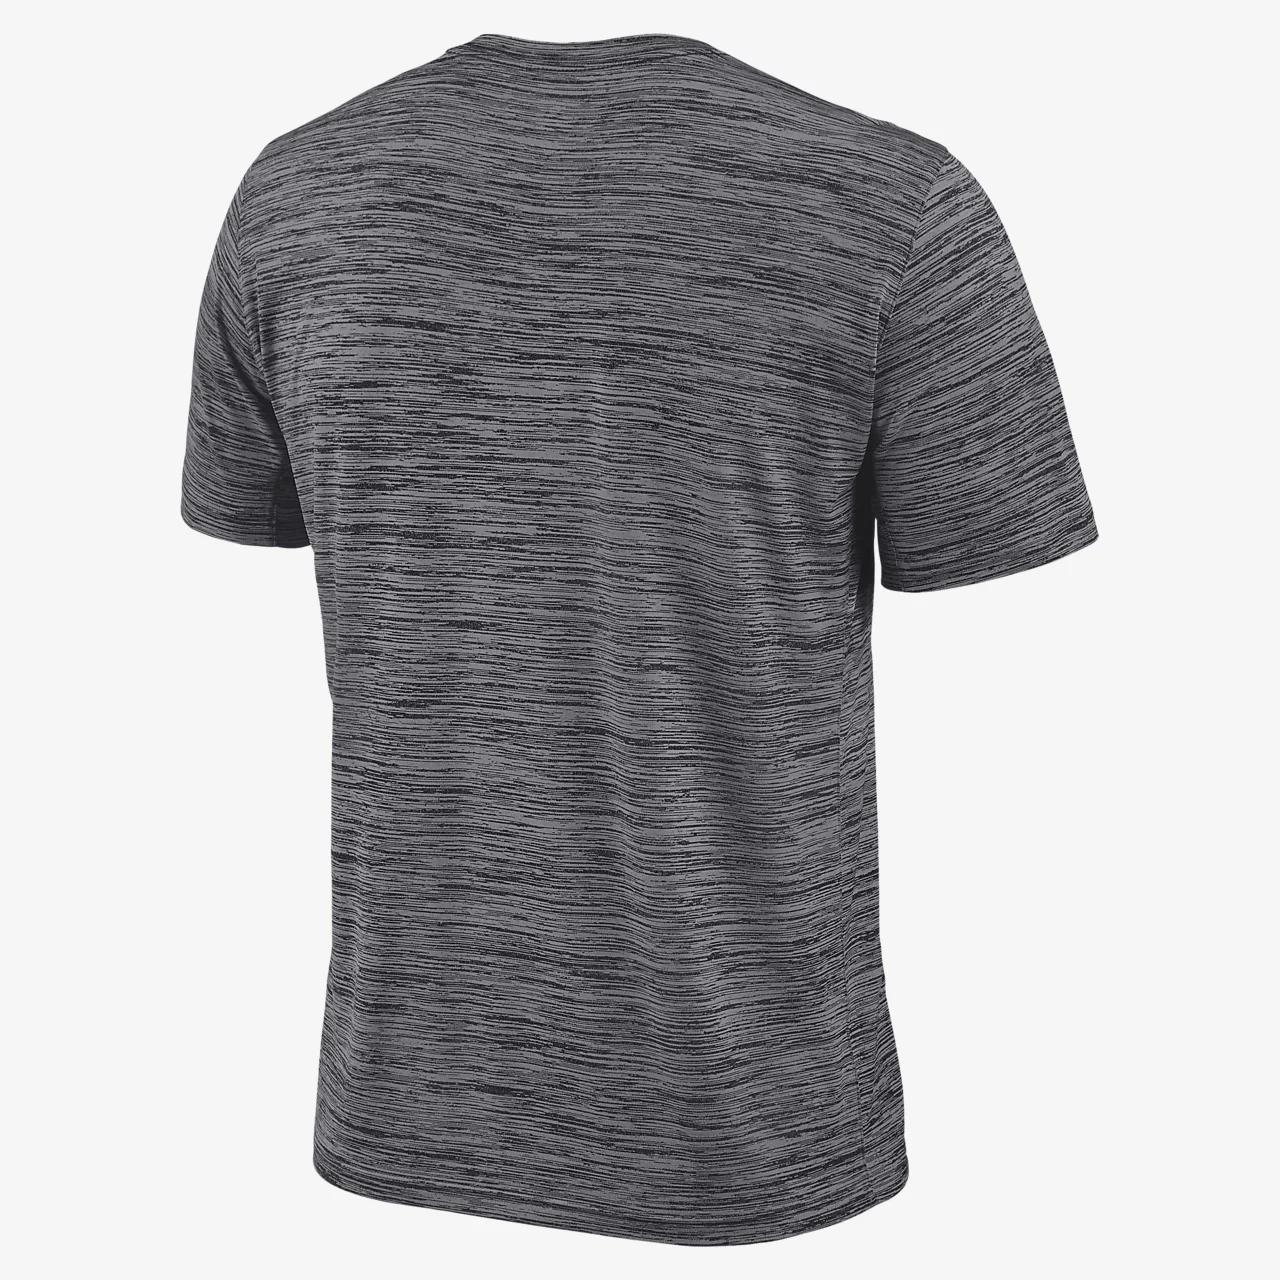 나이키 칼리지 드라이핏 벨로시티(오클라호마 주) 남자 티셔츠 CT7610-021